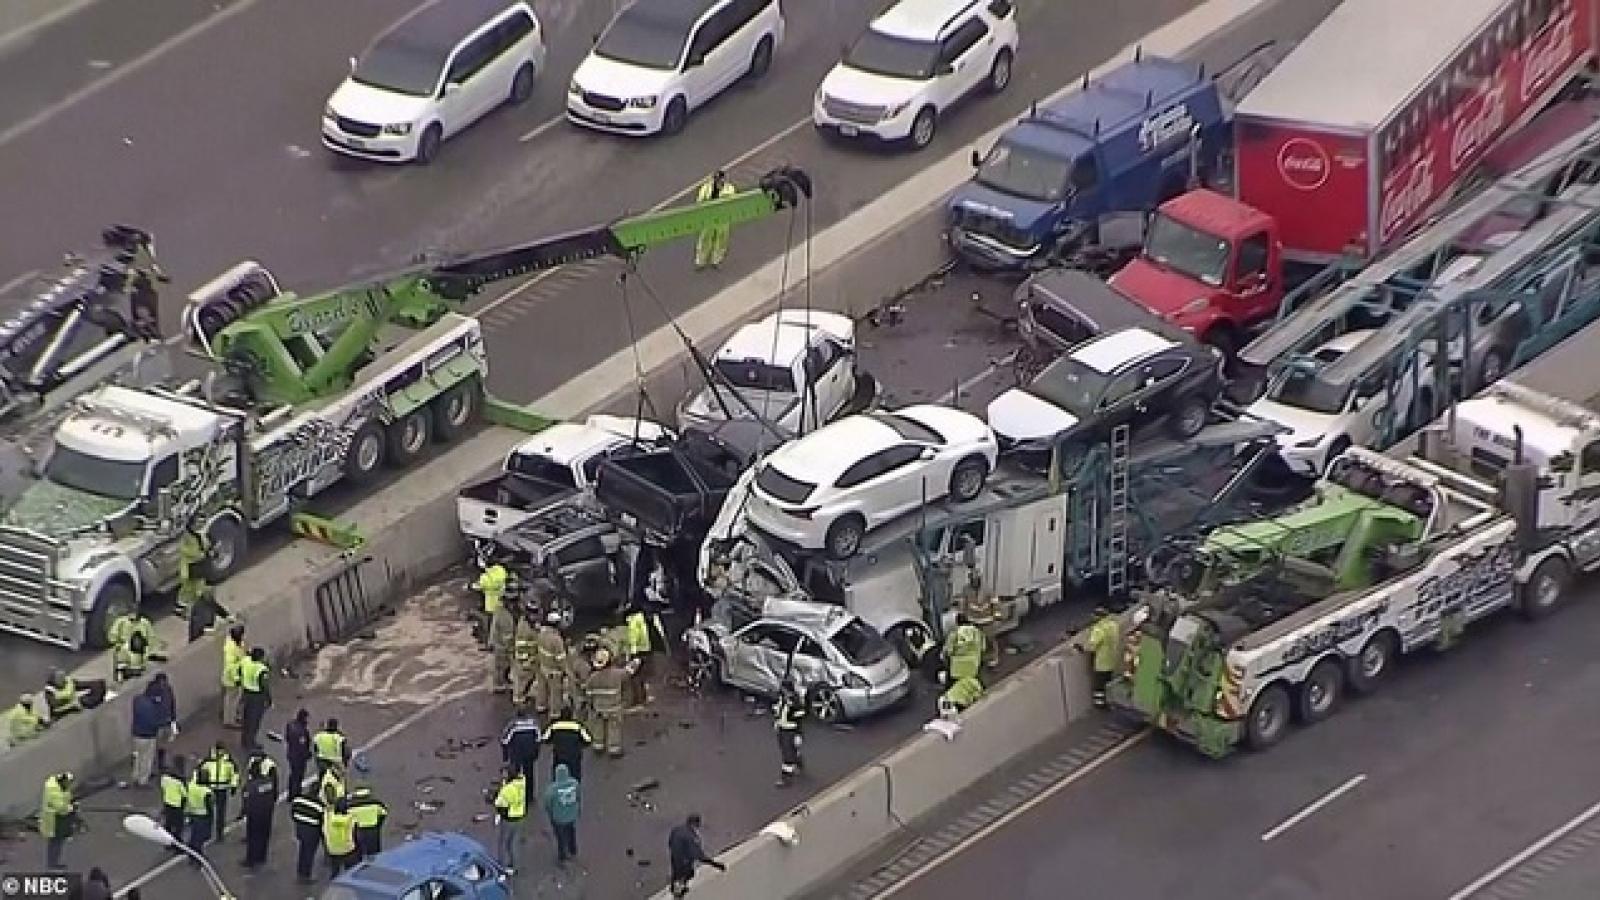 Ít nhất 5 người thiệt mạng trong vụ gần 100 xe ô tô đâm nhau ở Mỹ